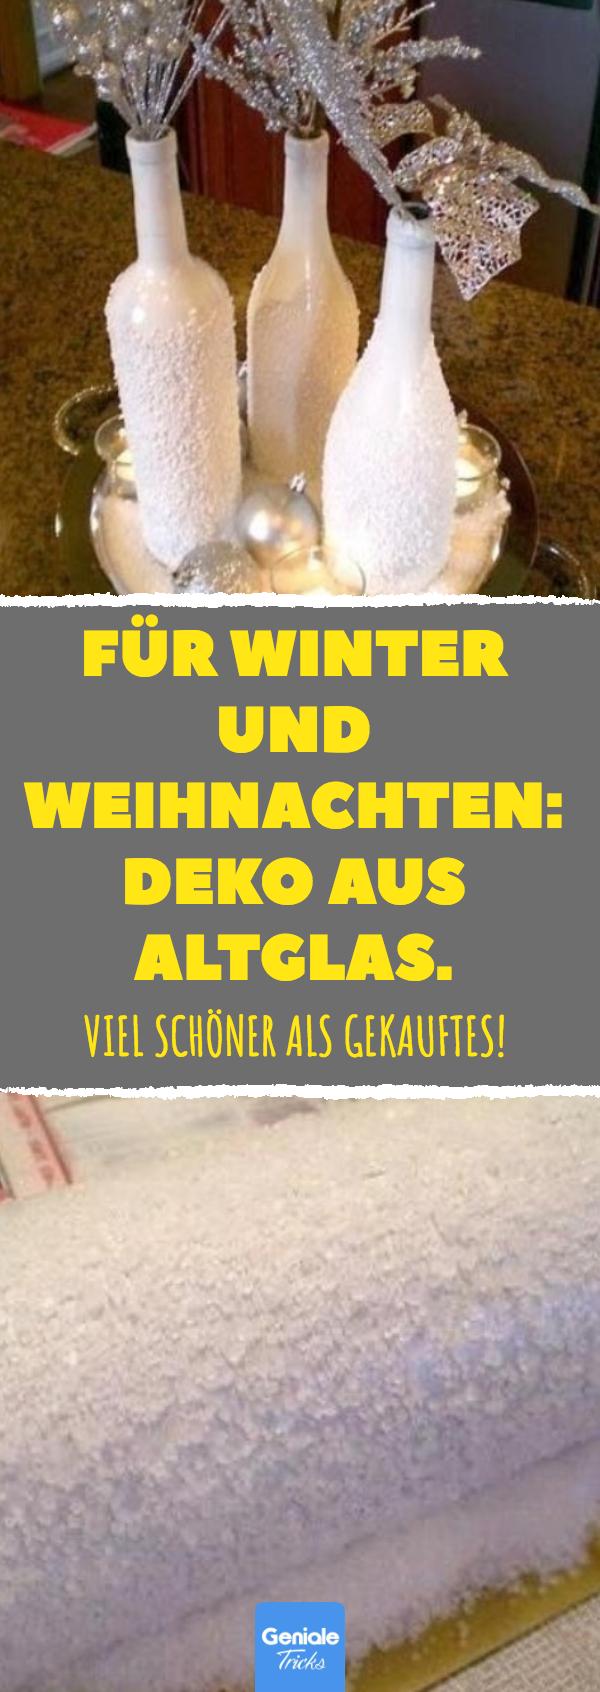 Kein Leergut: Winterliche Deko aus alten Flaschen machen.